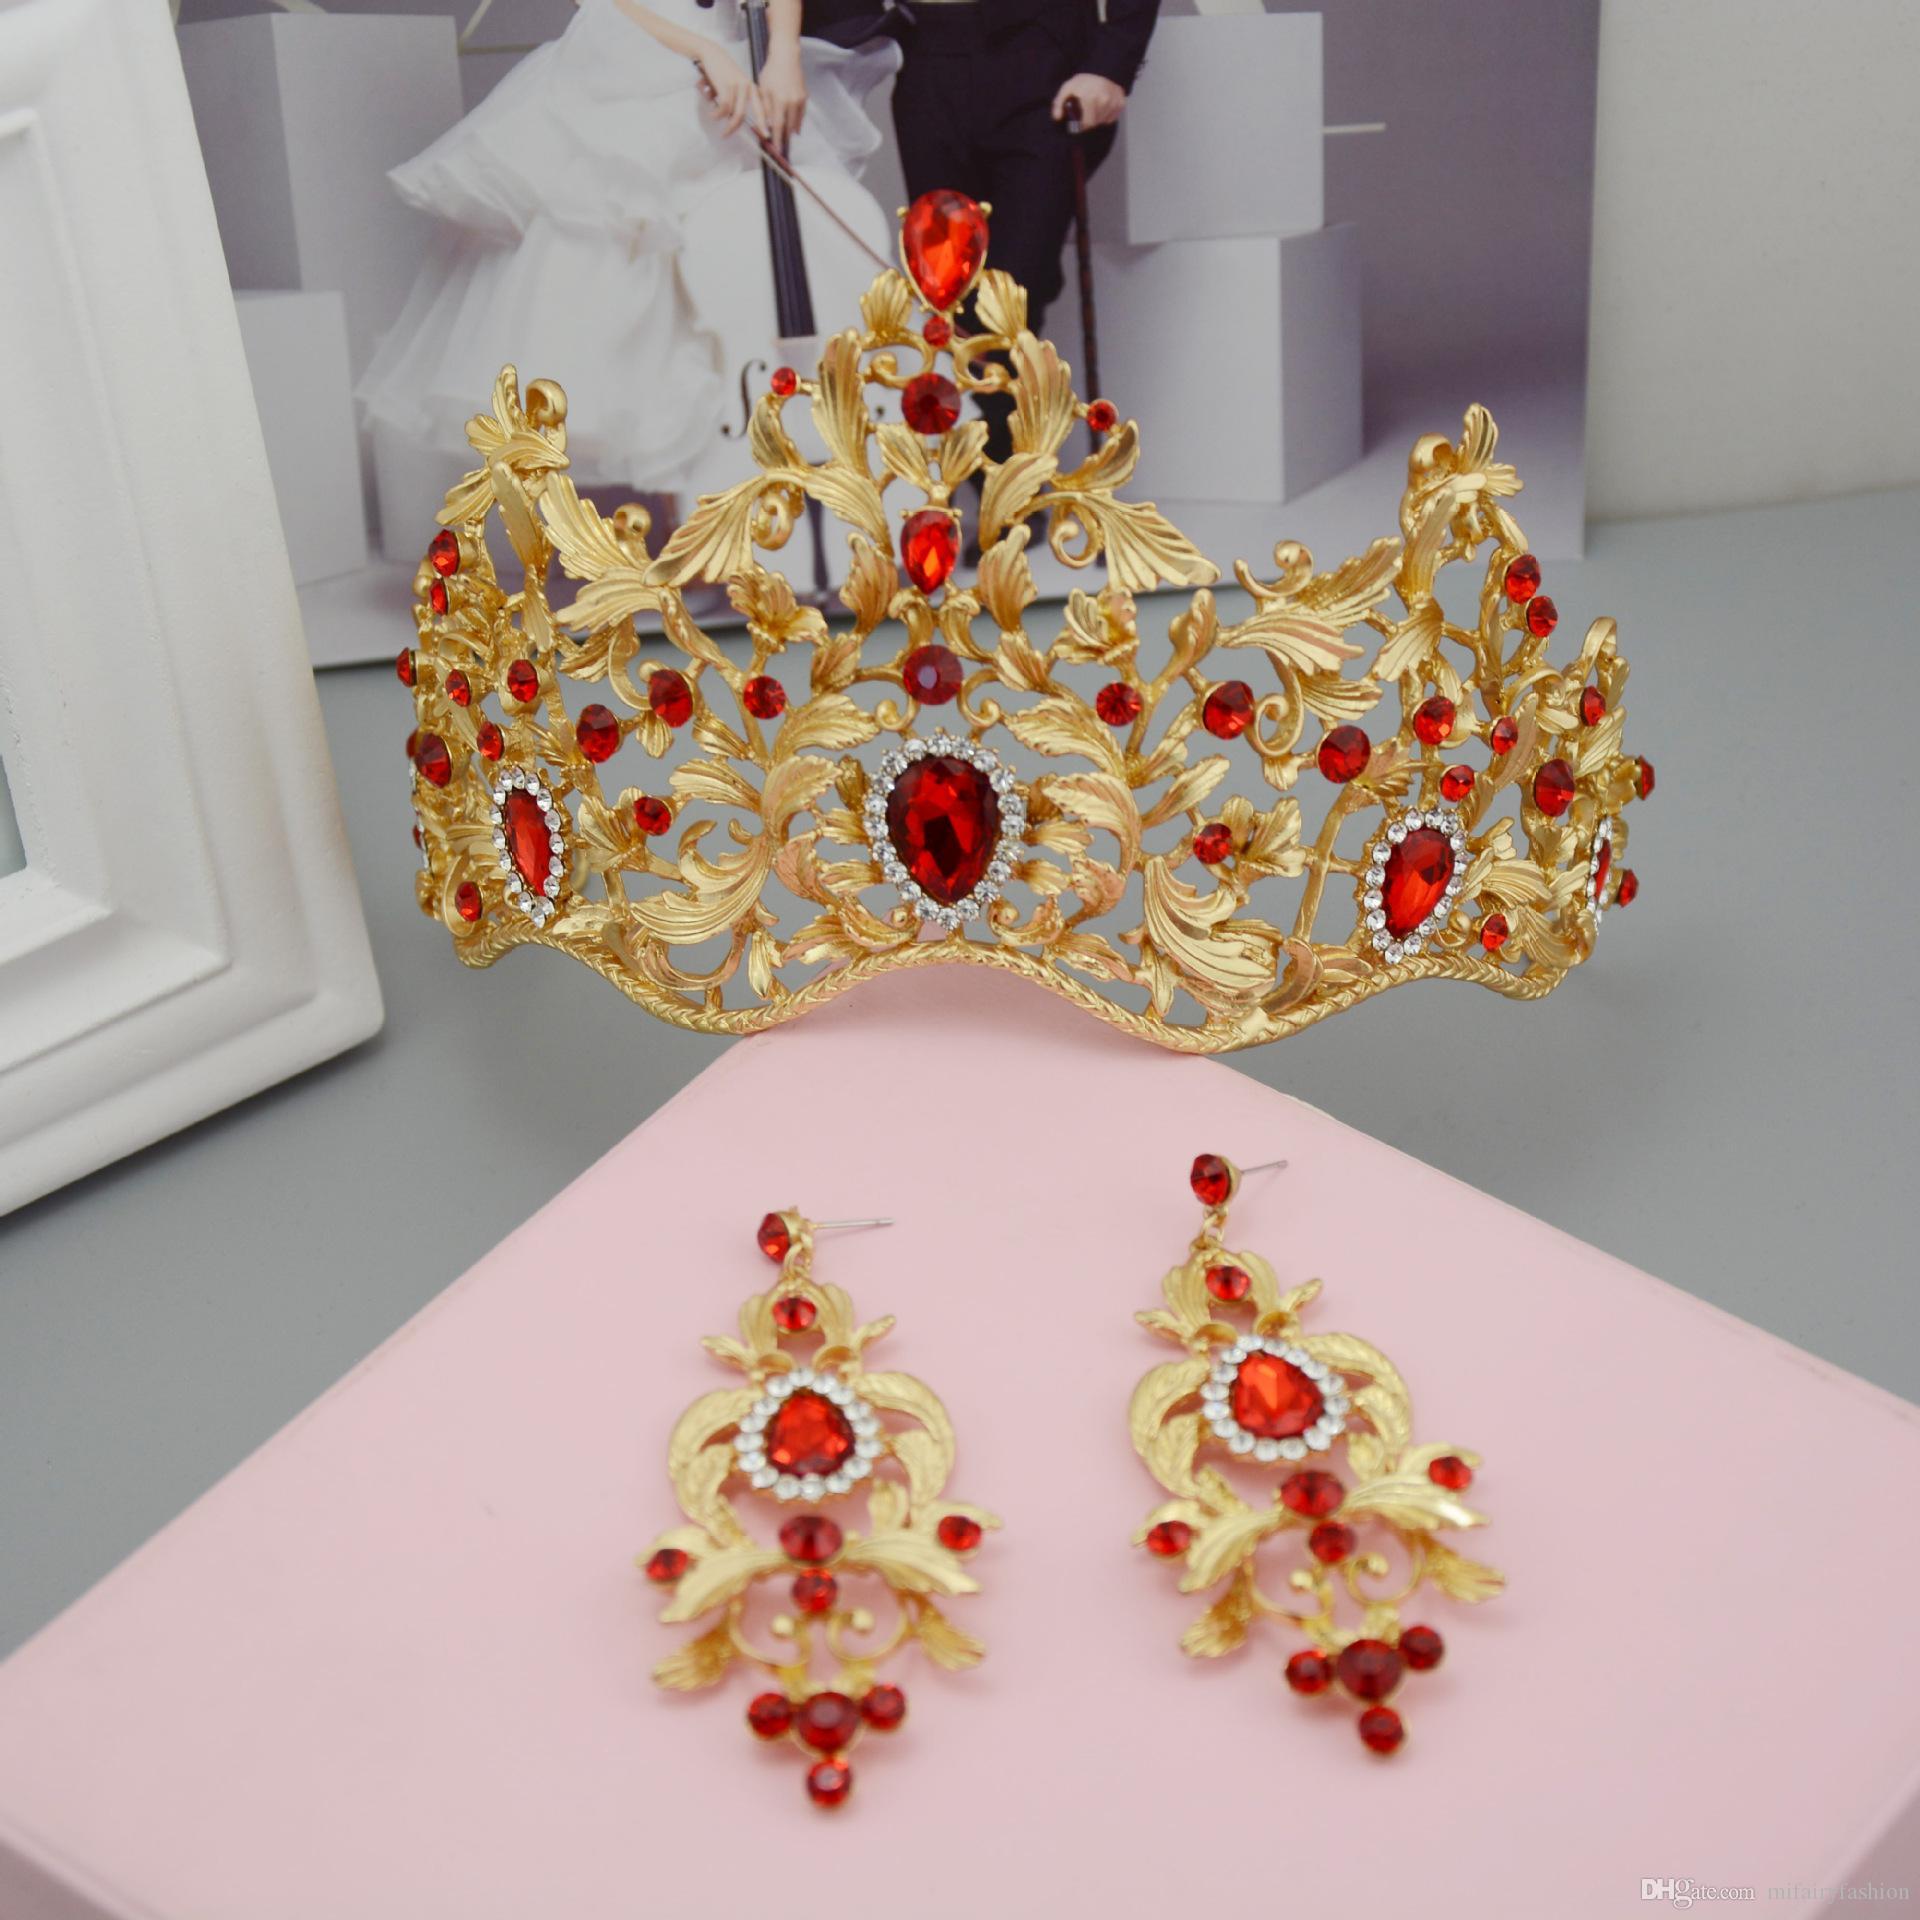 빈티지 바로크 신부 왕관은 웨딩 왕관과 크라운 15 * 10 H18을 설정 화이트 다이아몬드 기절 골드 레드 크리스탈 공주 모자를 설정합니다